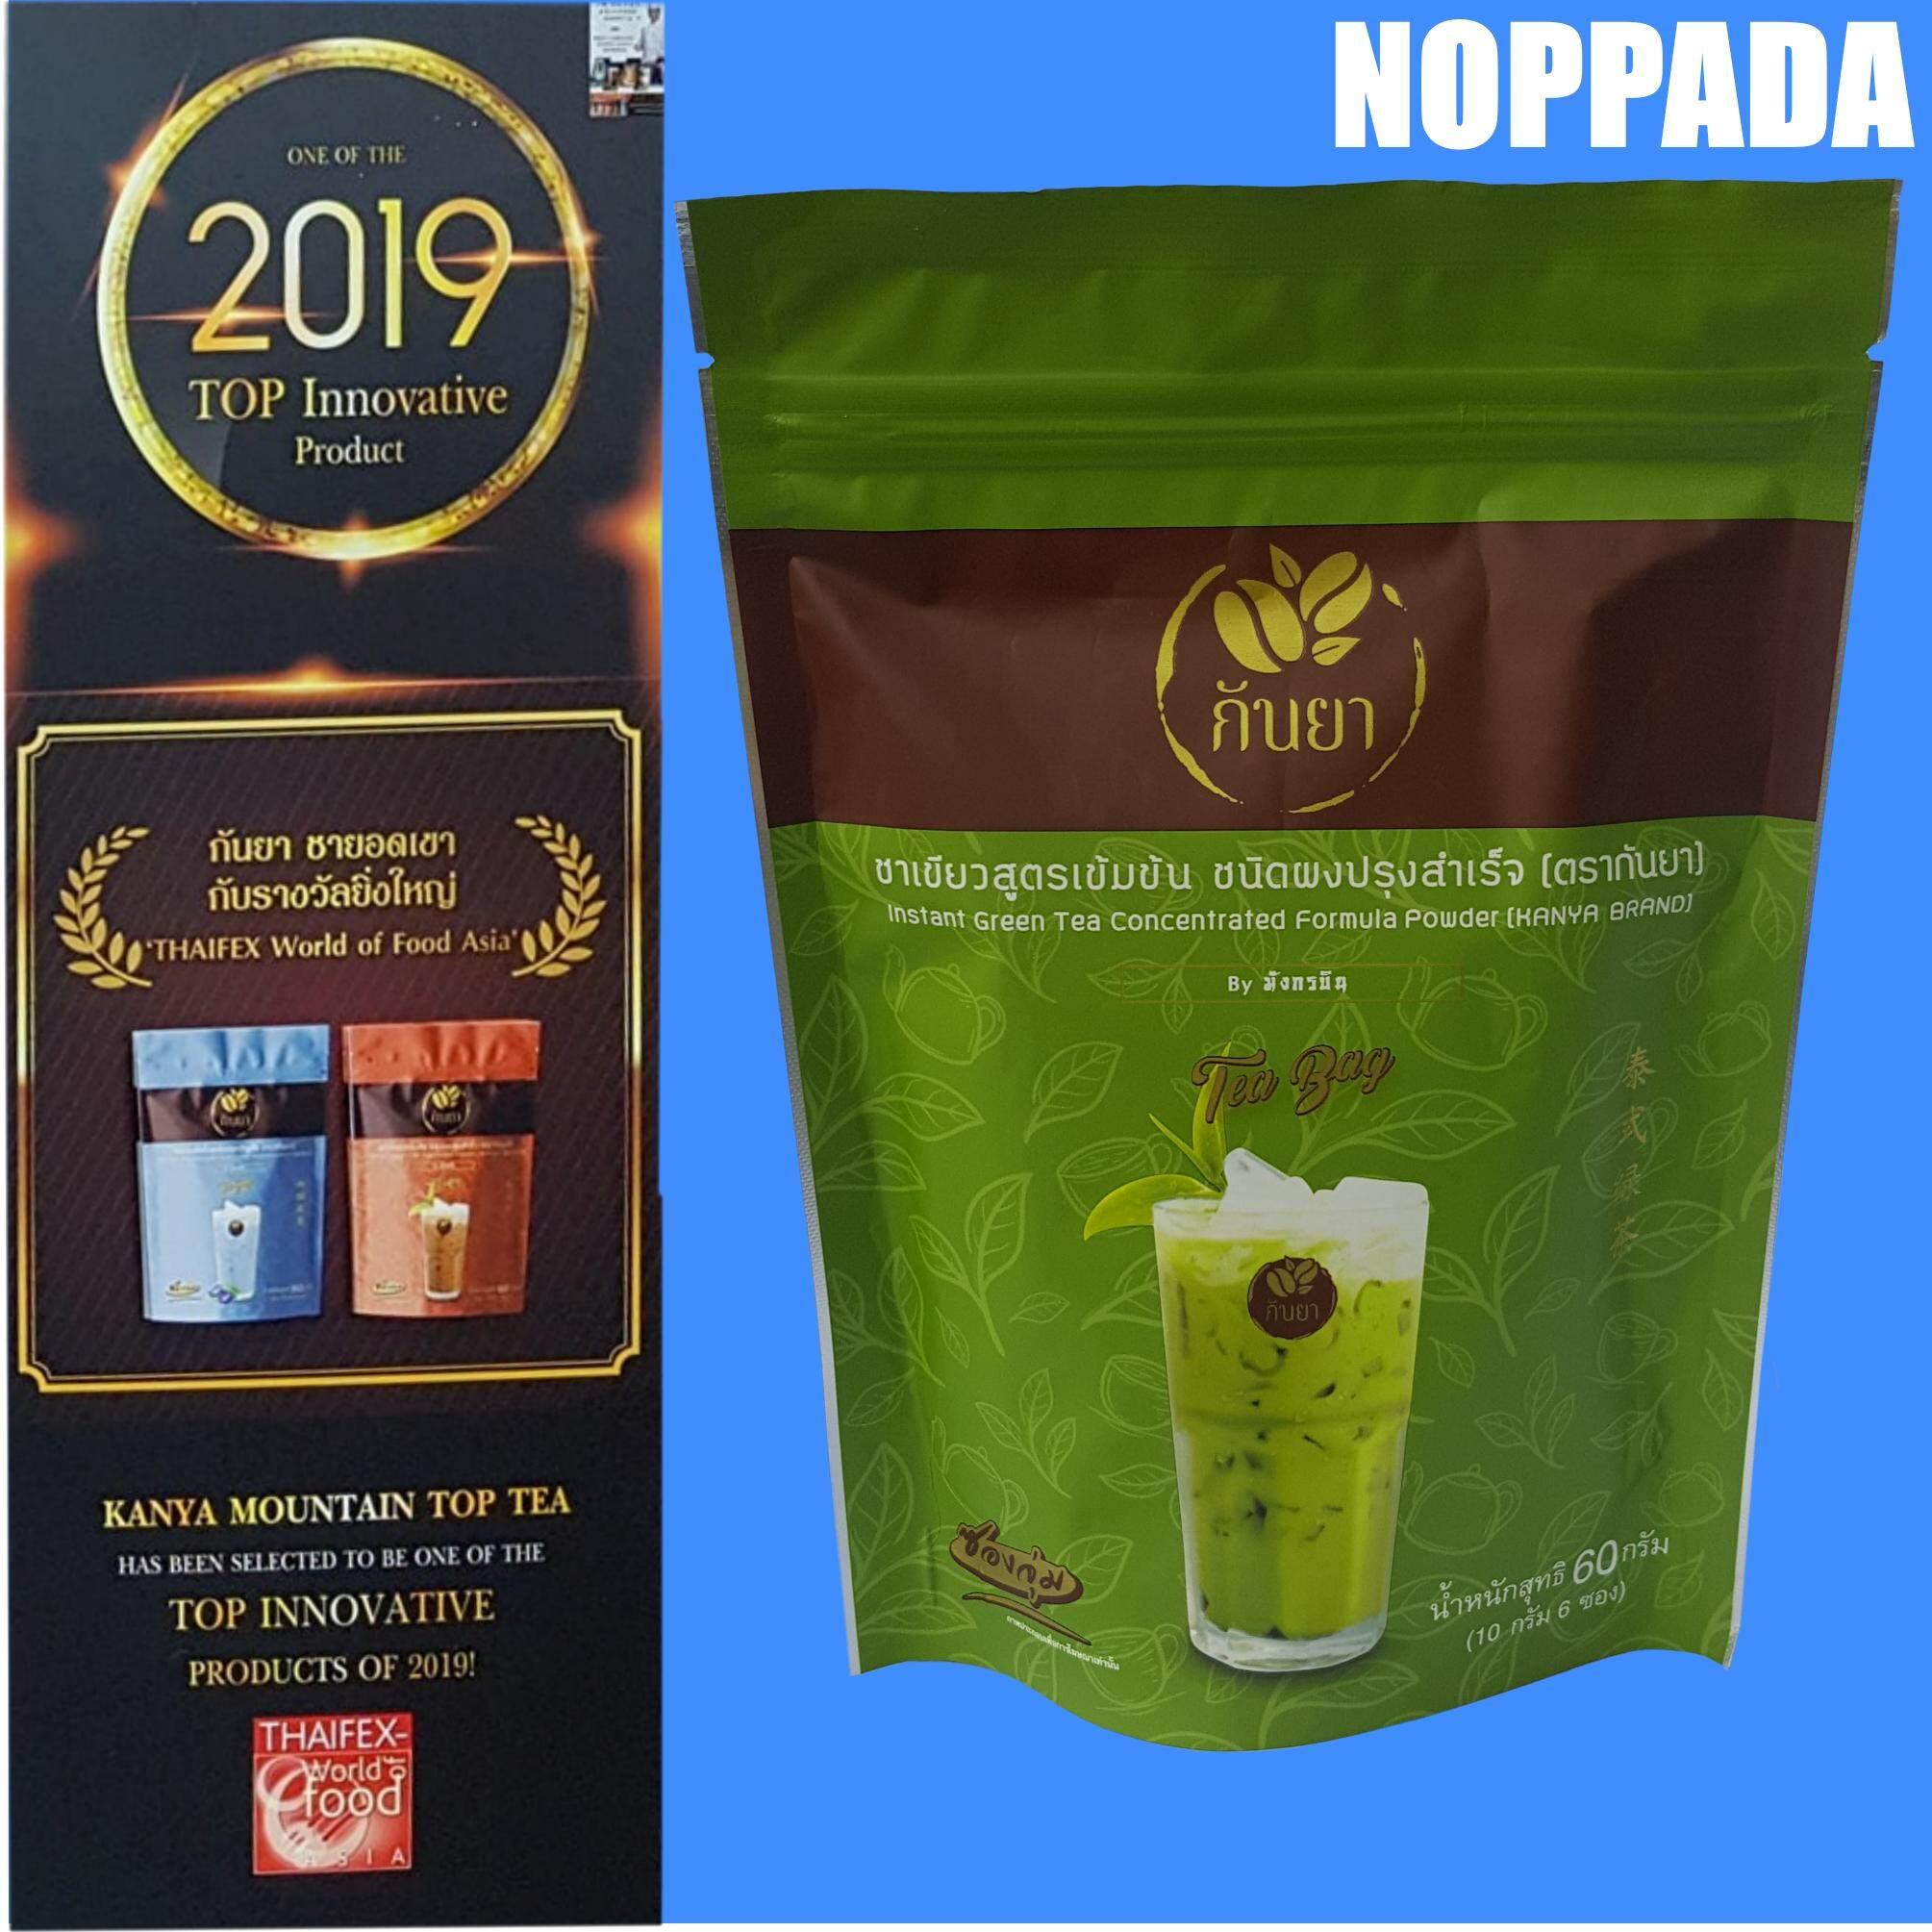 ชาเขียว สูตรเข้มข้น ชนิดผง ปรุงสำเร็จ ตรา กันยา  By มังกรบิน ชนิดซองจุ่ม 6 ซอง Instant Green Tea Concentred Formula Powder ชามังกรบิน ชามะลิ ผงชาเขียว  ชาเขียวมะลิ ชาเขียวไข่มุก ผงชา ชาเขียวมะนาว ชาสมุนไพร ชาสำเร็จรูป  น้ำชาเขียว ชาเขียวนม ชากันยา ชาไทย.